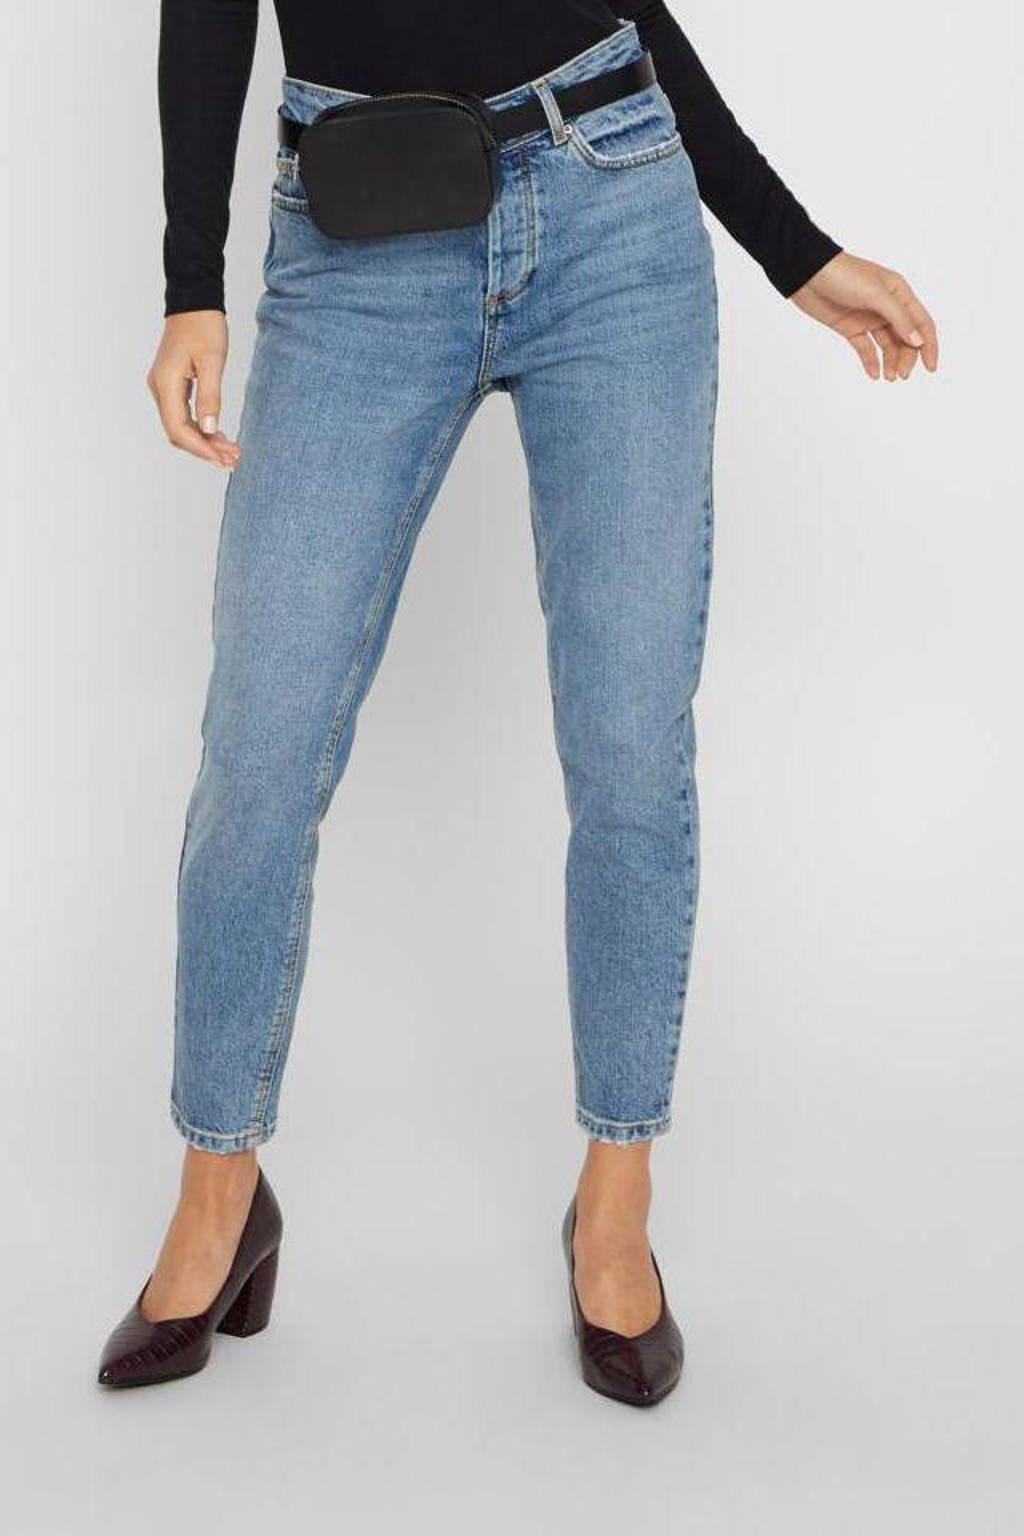 PIECES high waist slim fit jeans PCCARA blauw, Blauw